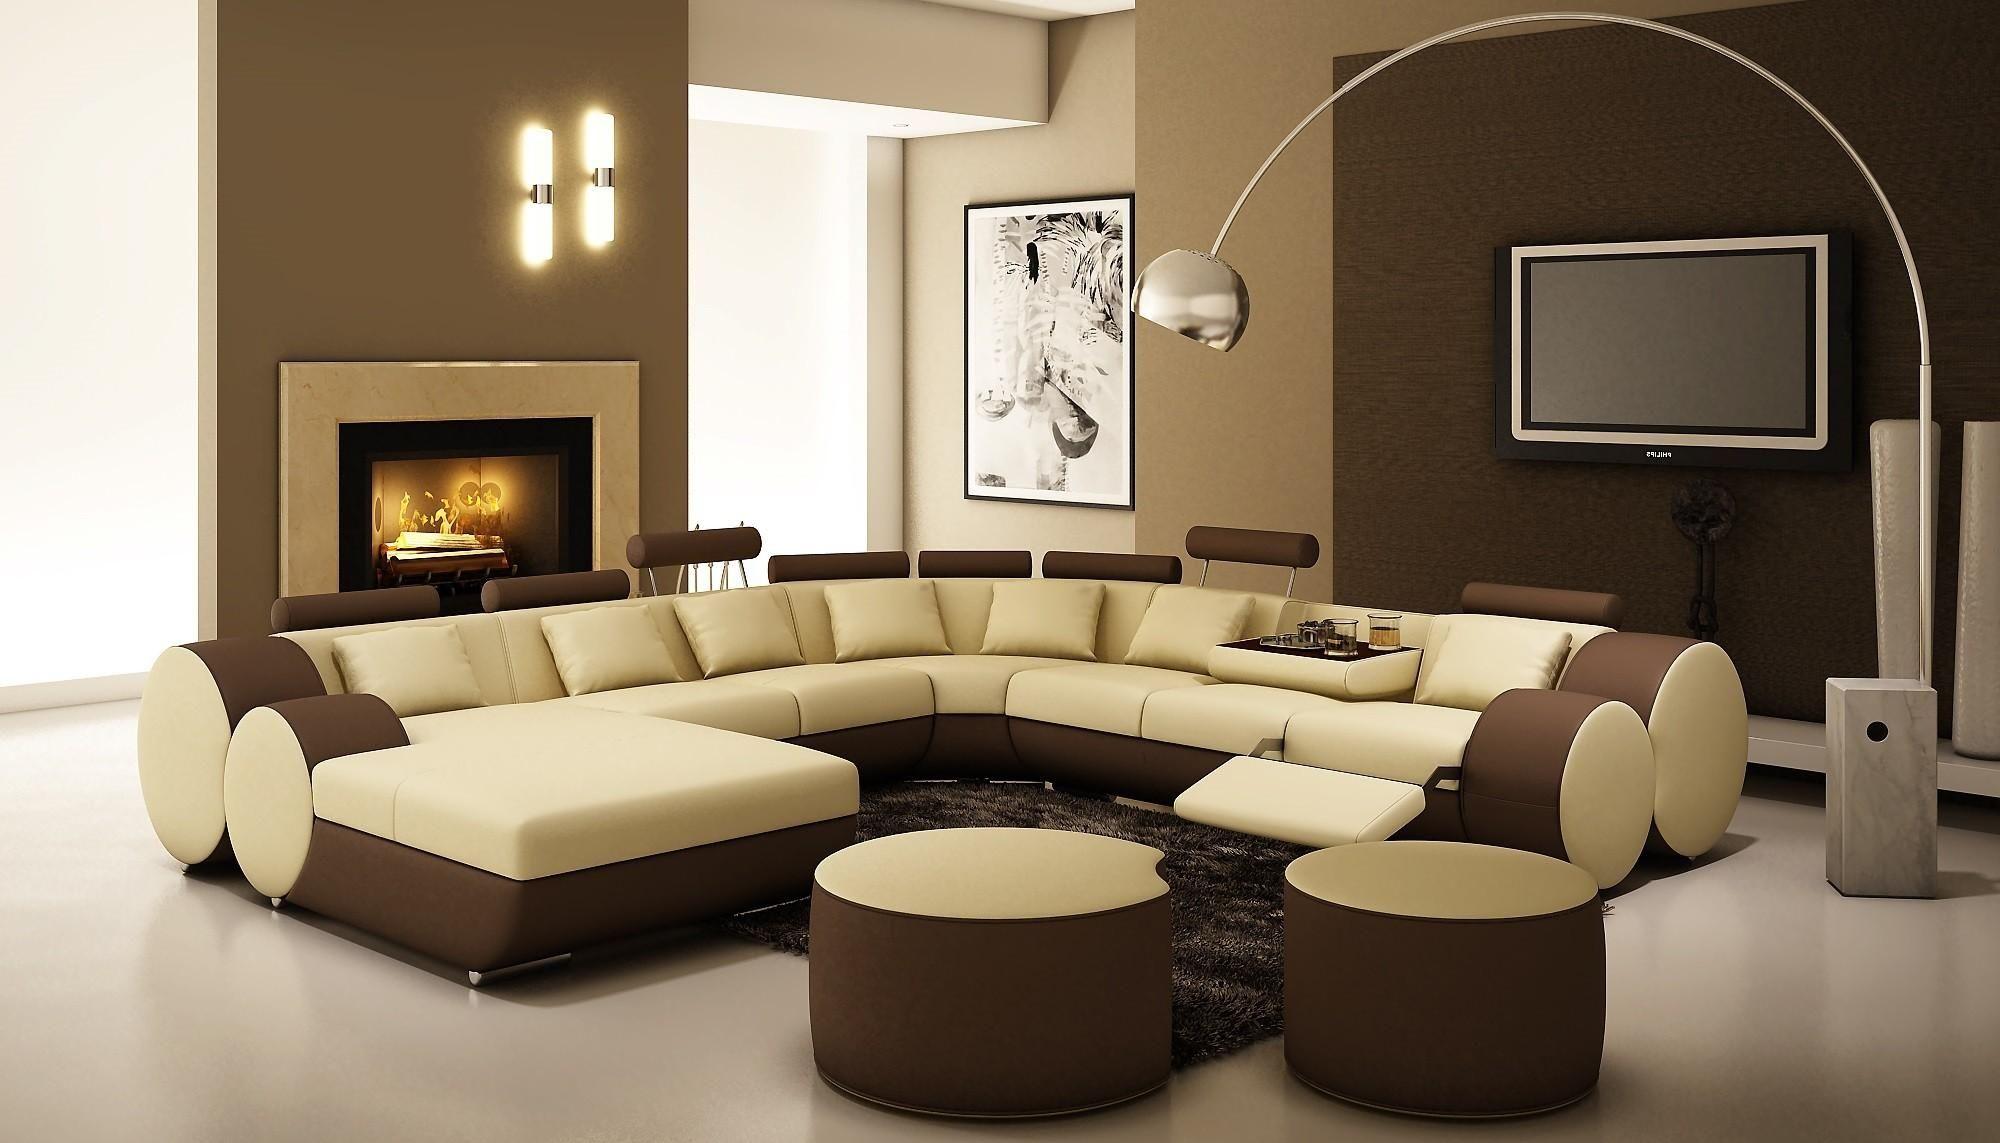 Elegant Besten Ideen Gefärbt Sectionals Kommode Die Pläne Müssen Guten Eindruck Auf  Ihre Auswahl Von Sofa.